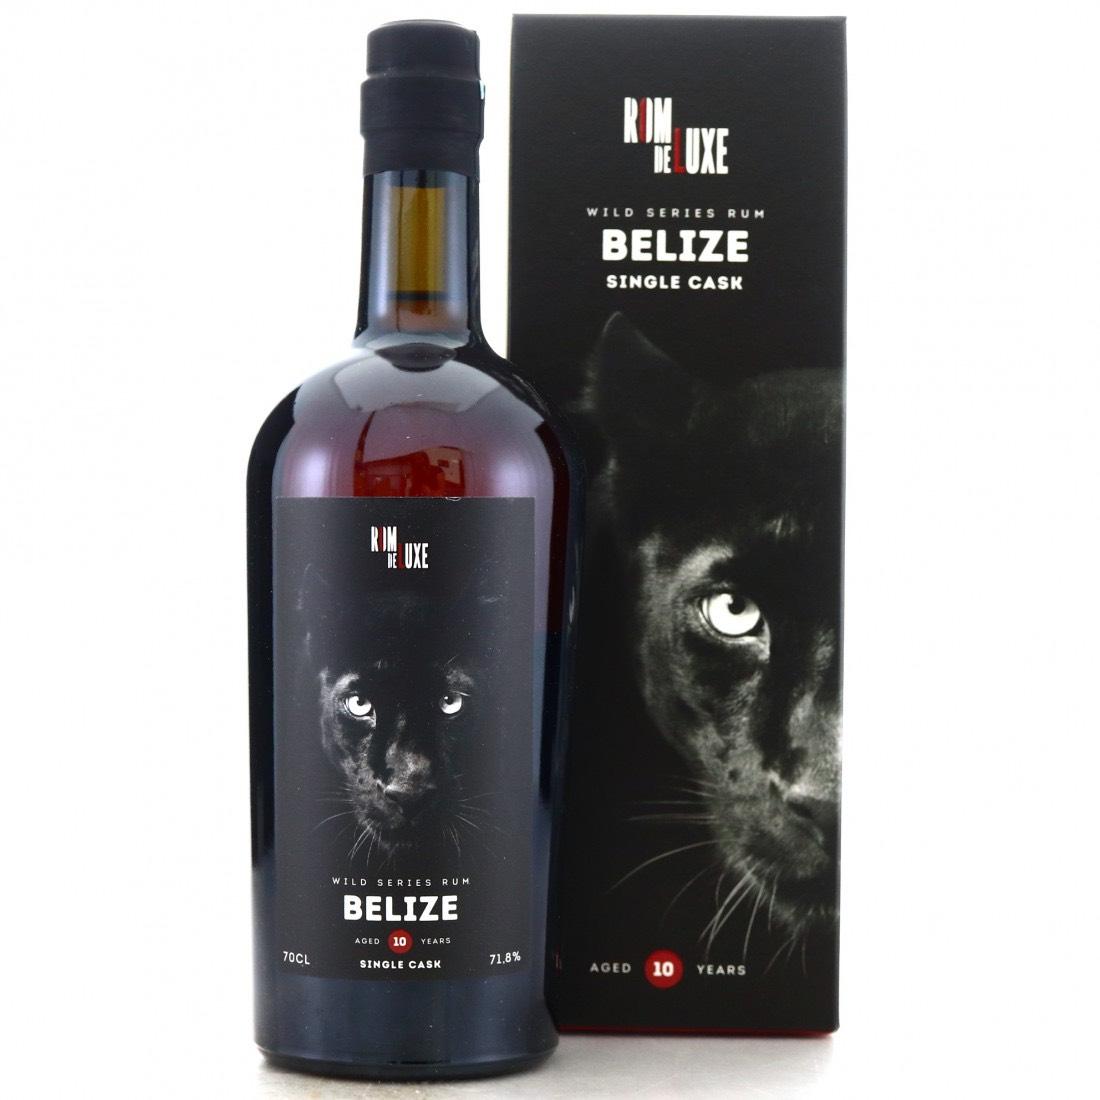 Bottle image of Wild Series Rum Belize